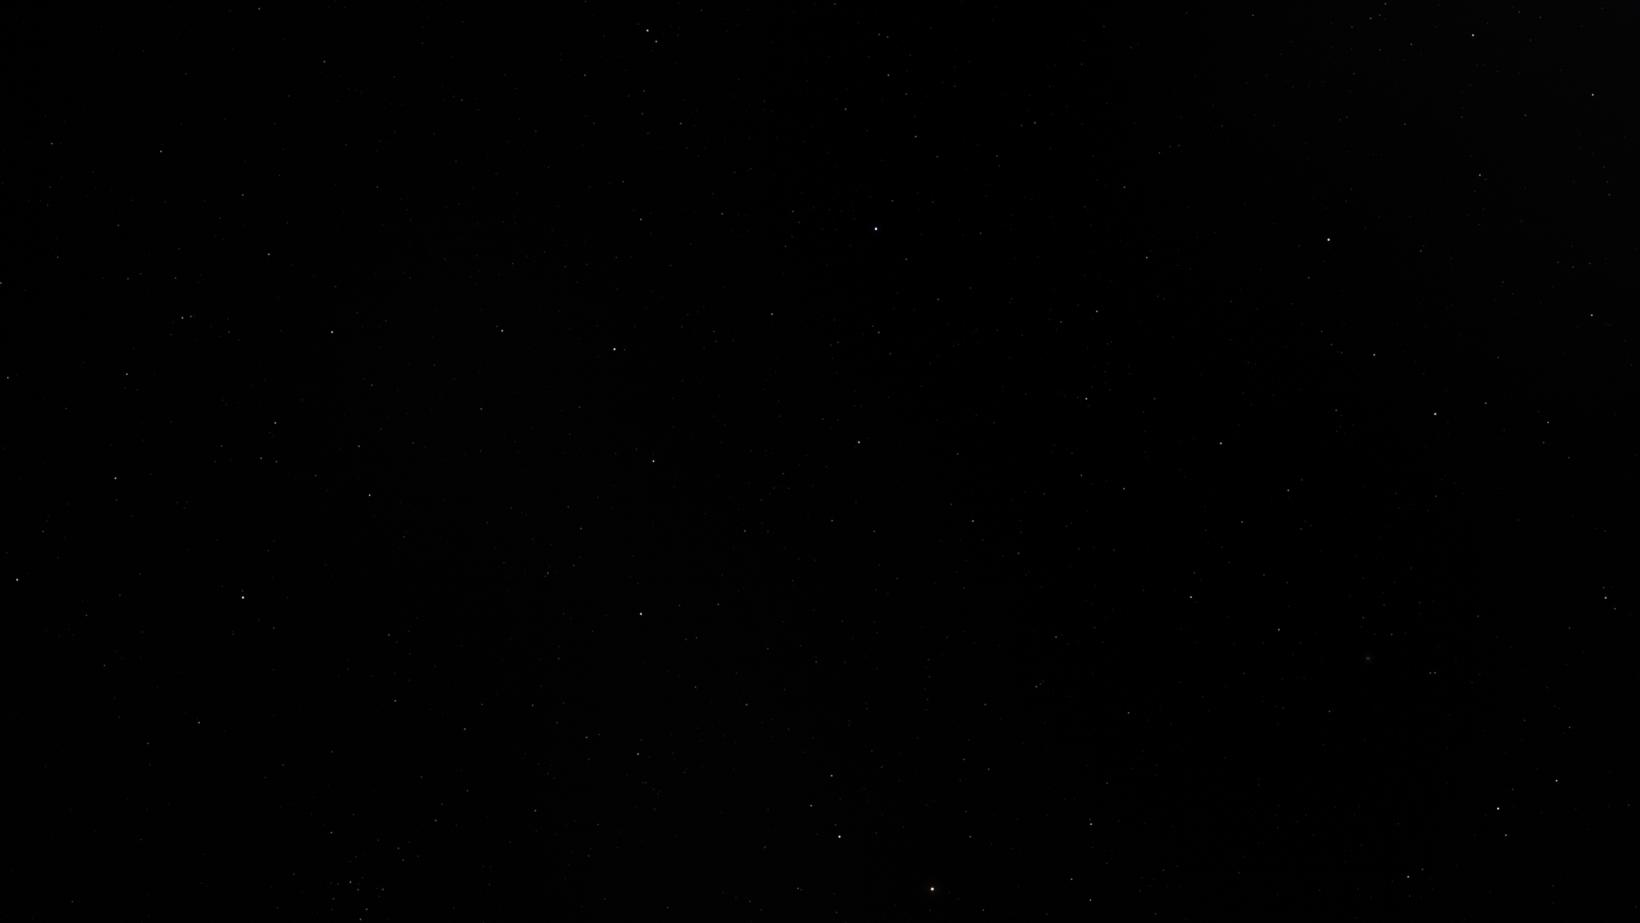 Как пояс астероидов выглядит насамом деле